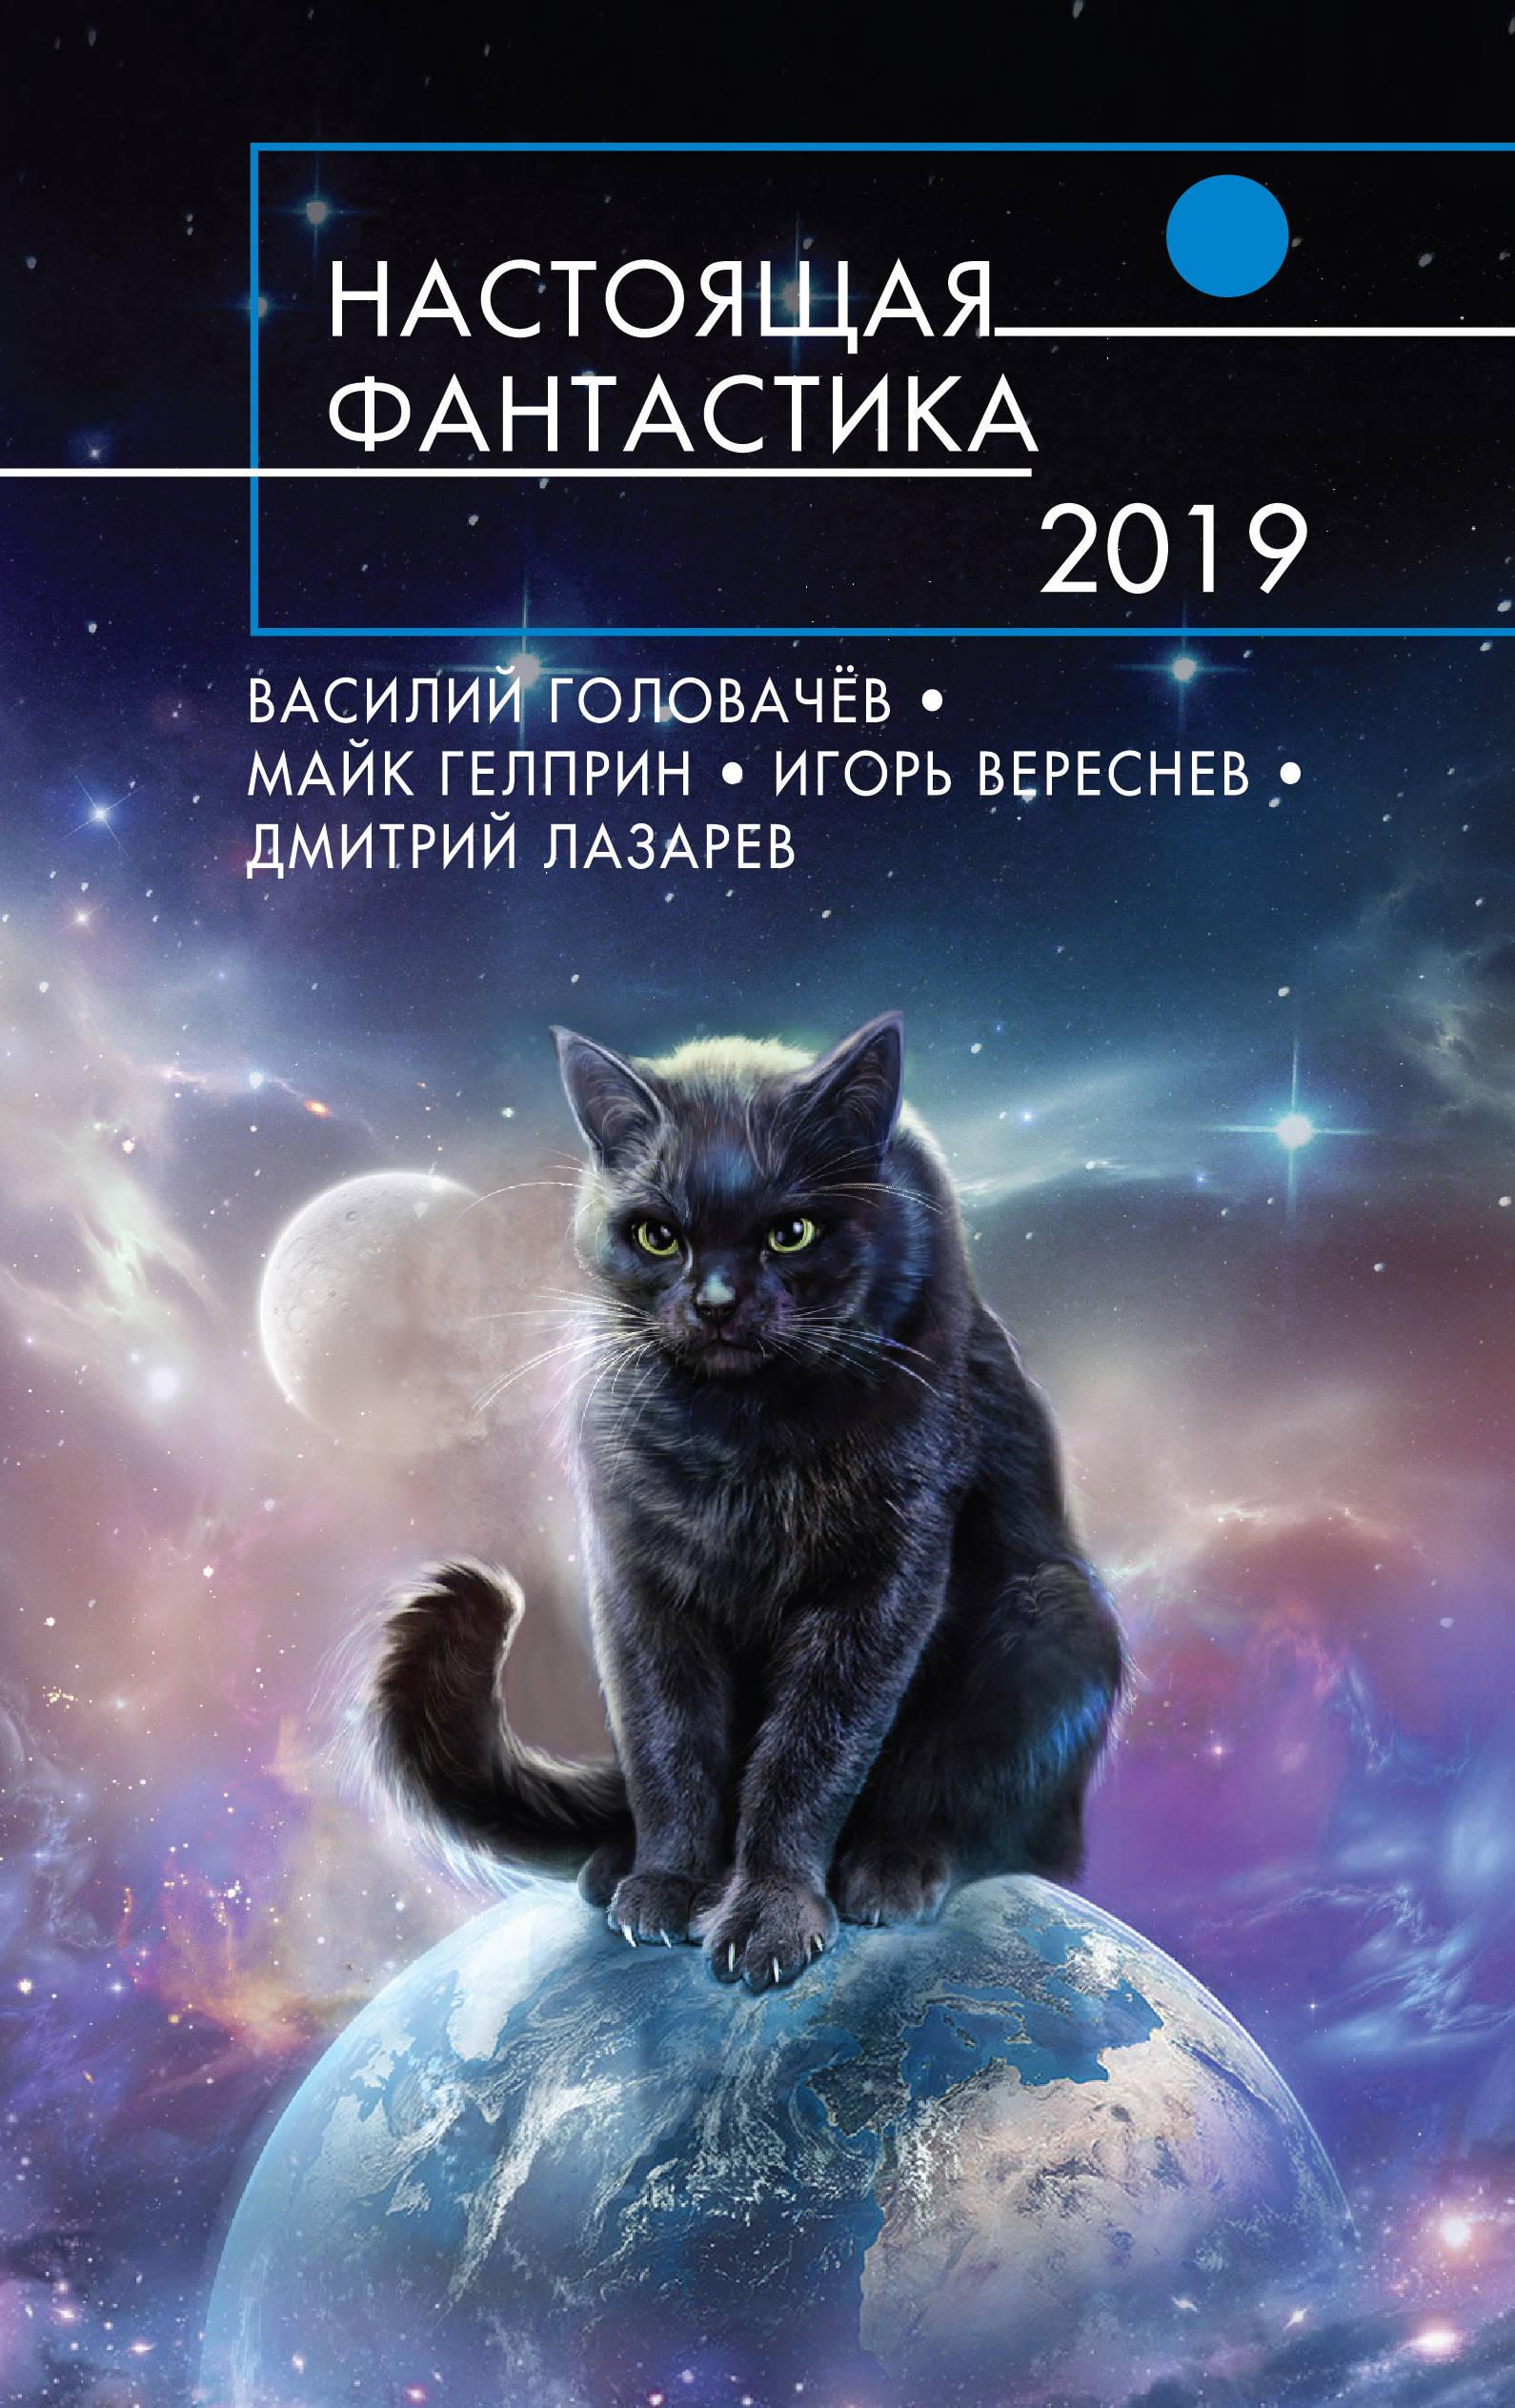 Настоящая фантастика - 2019. Фантастические повести и рассказы